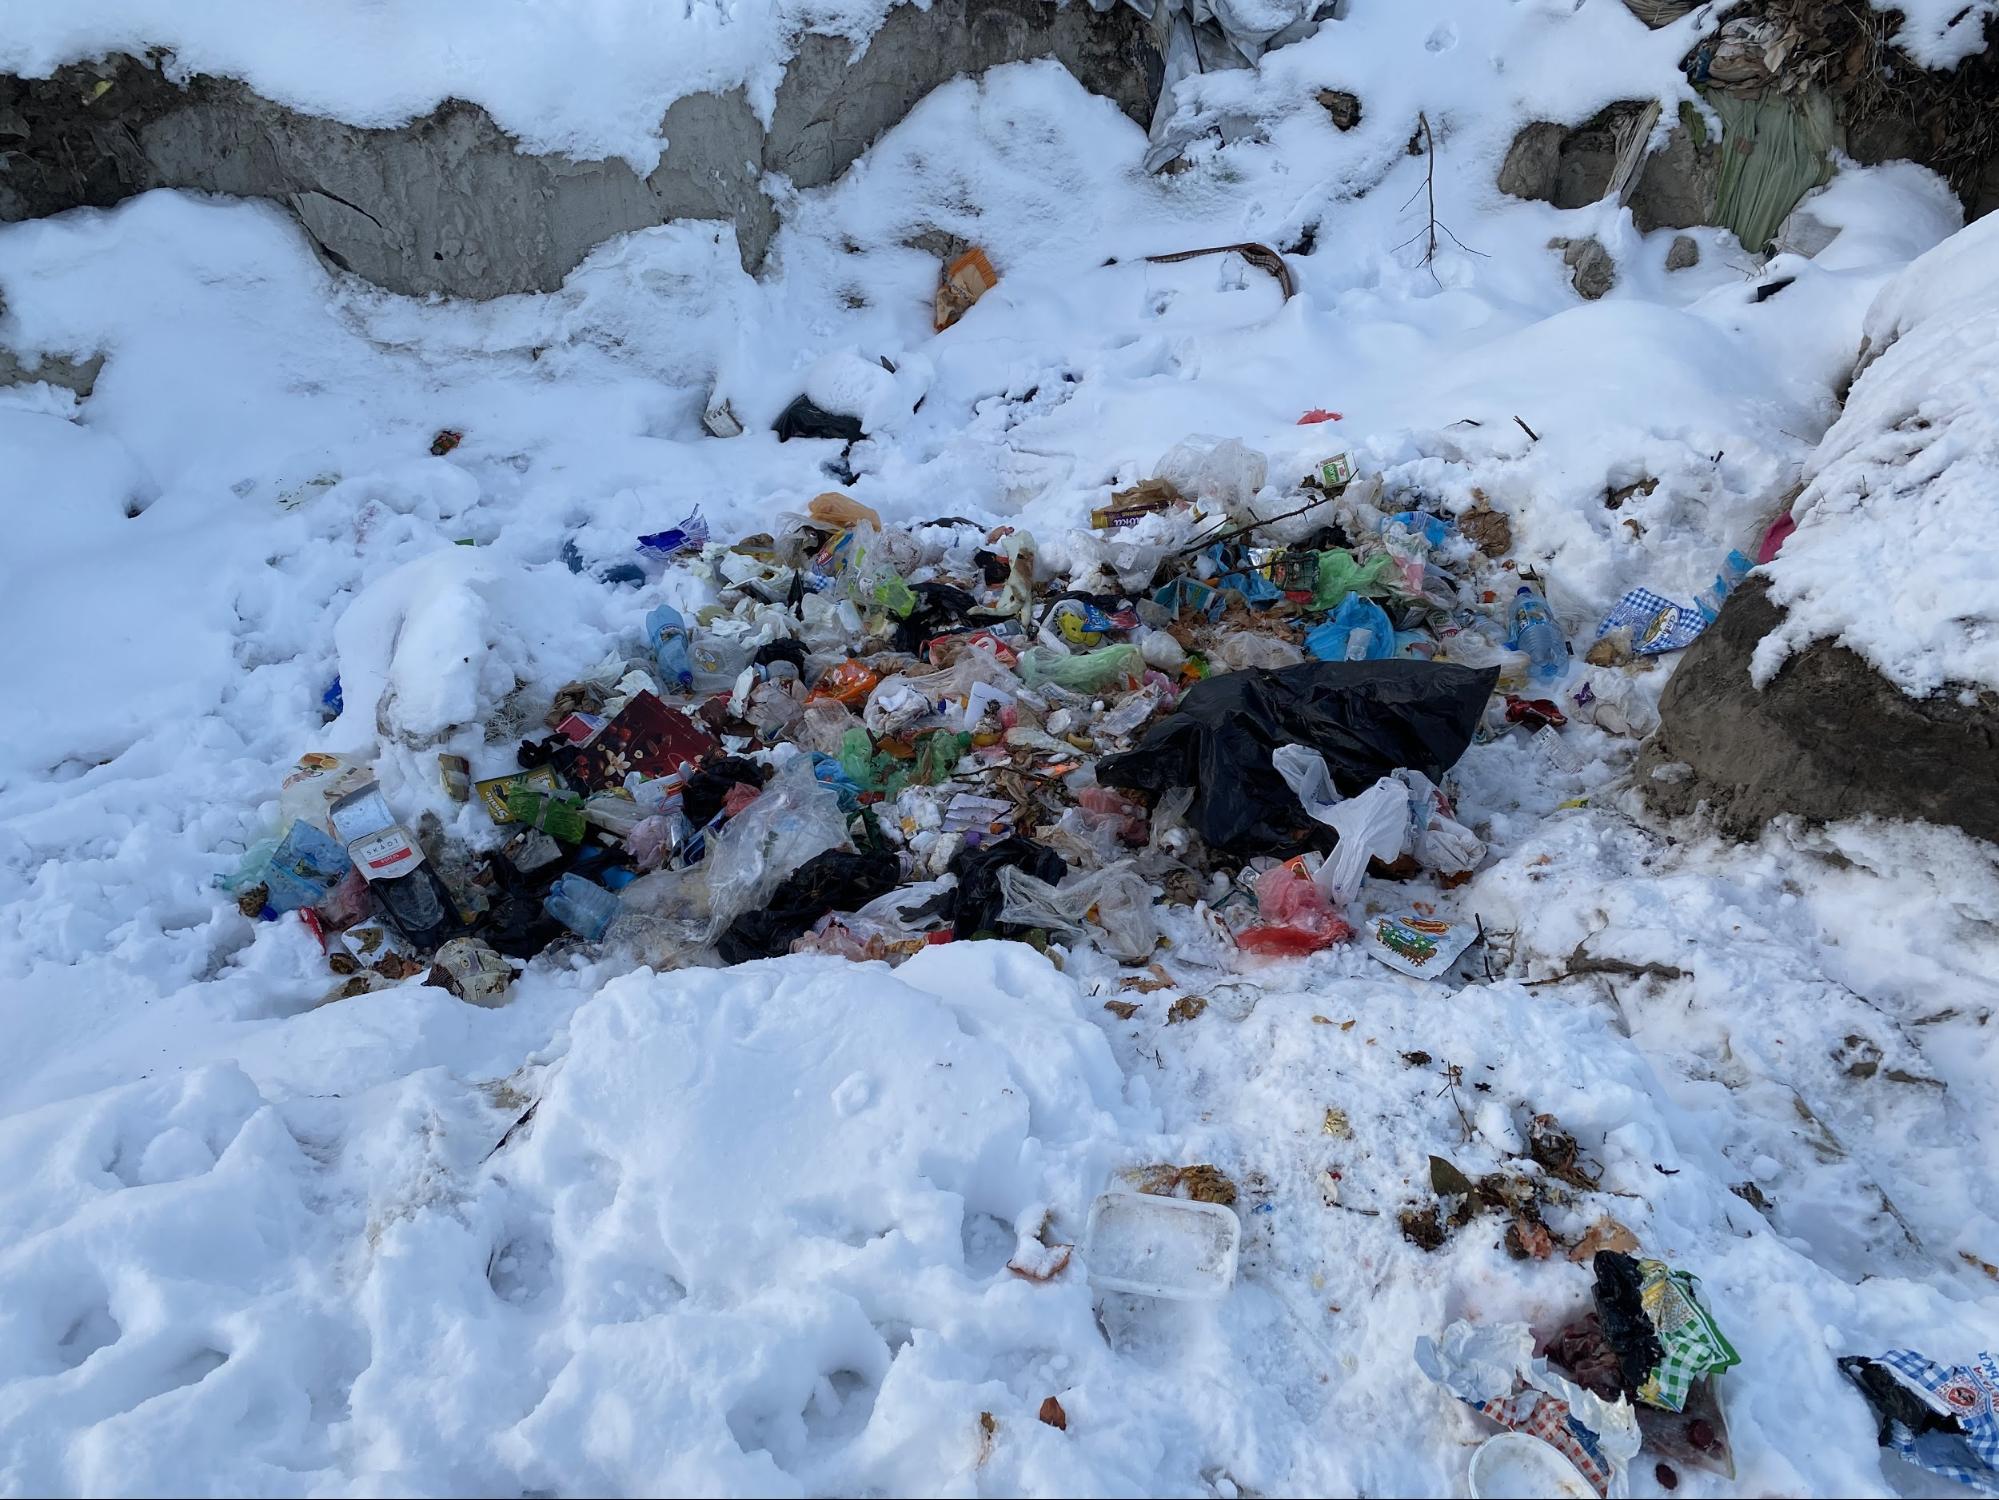 Як прибрати незаконне звалище: перевірили роботу державної карти екологічних порушень